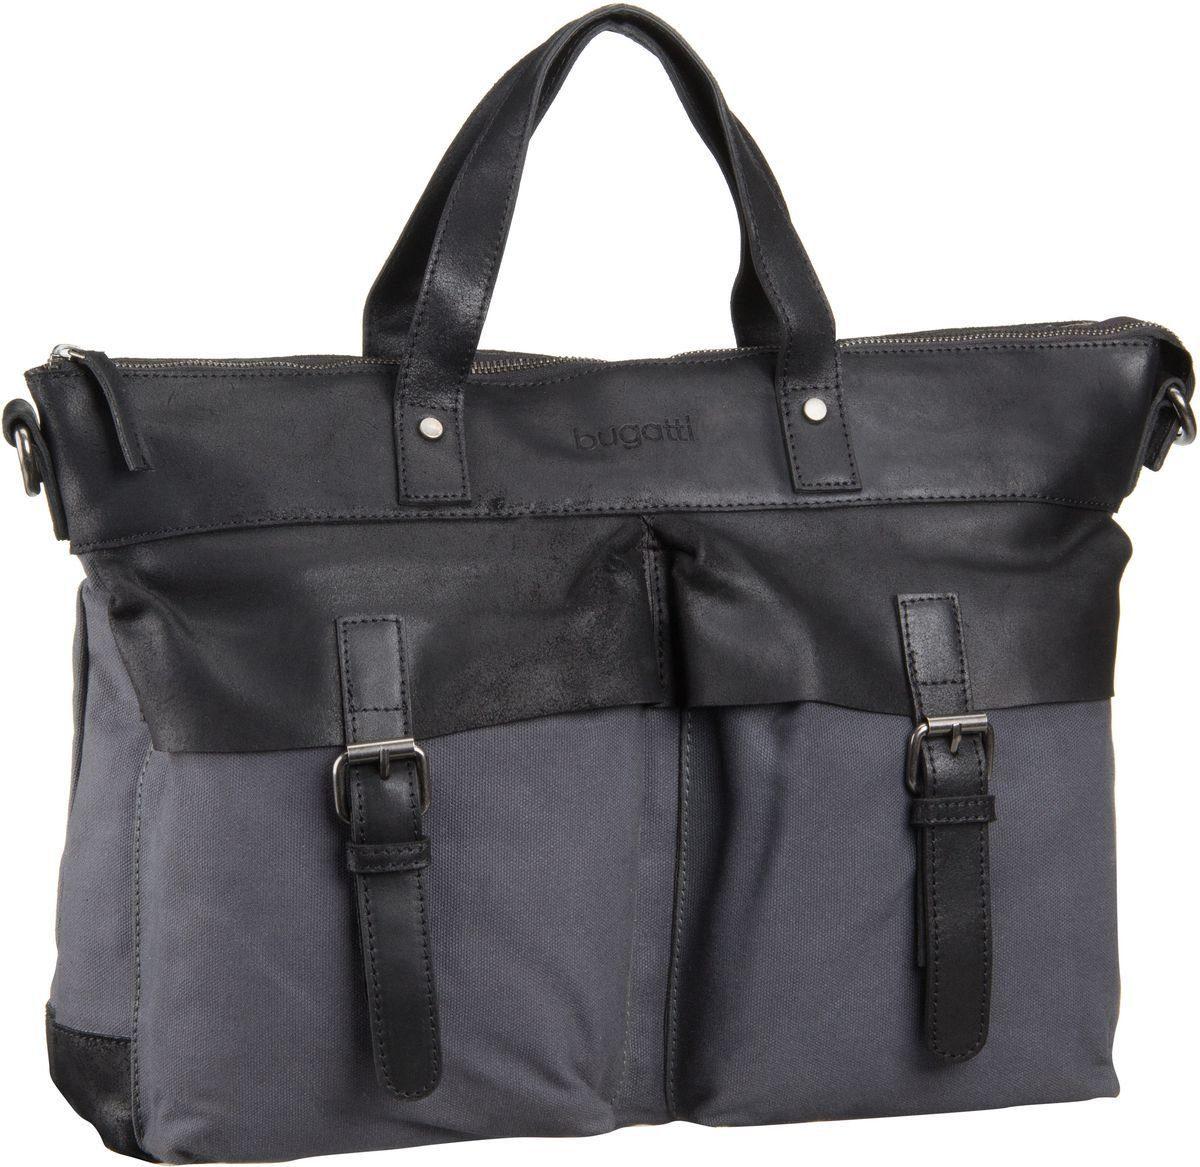 Bugatti Urbano Brief Bag